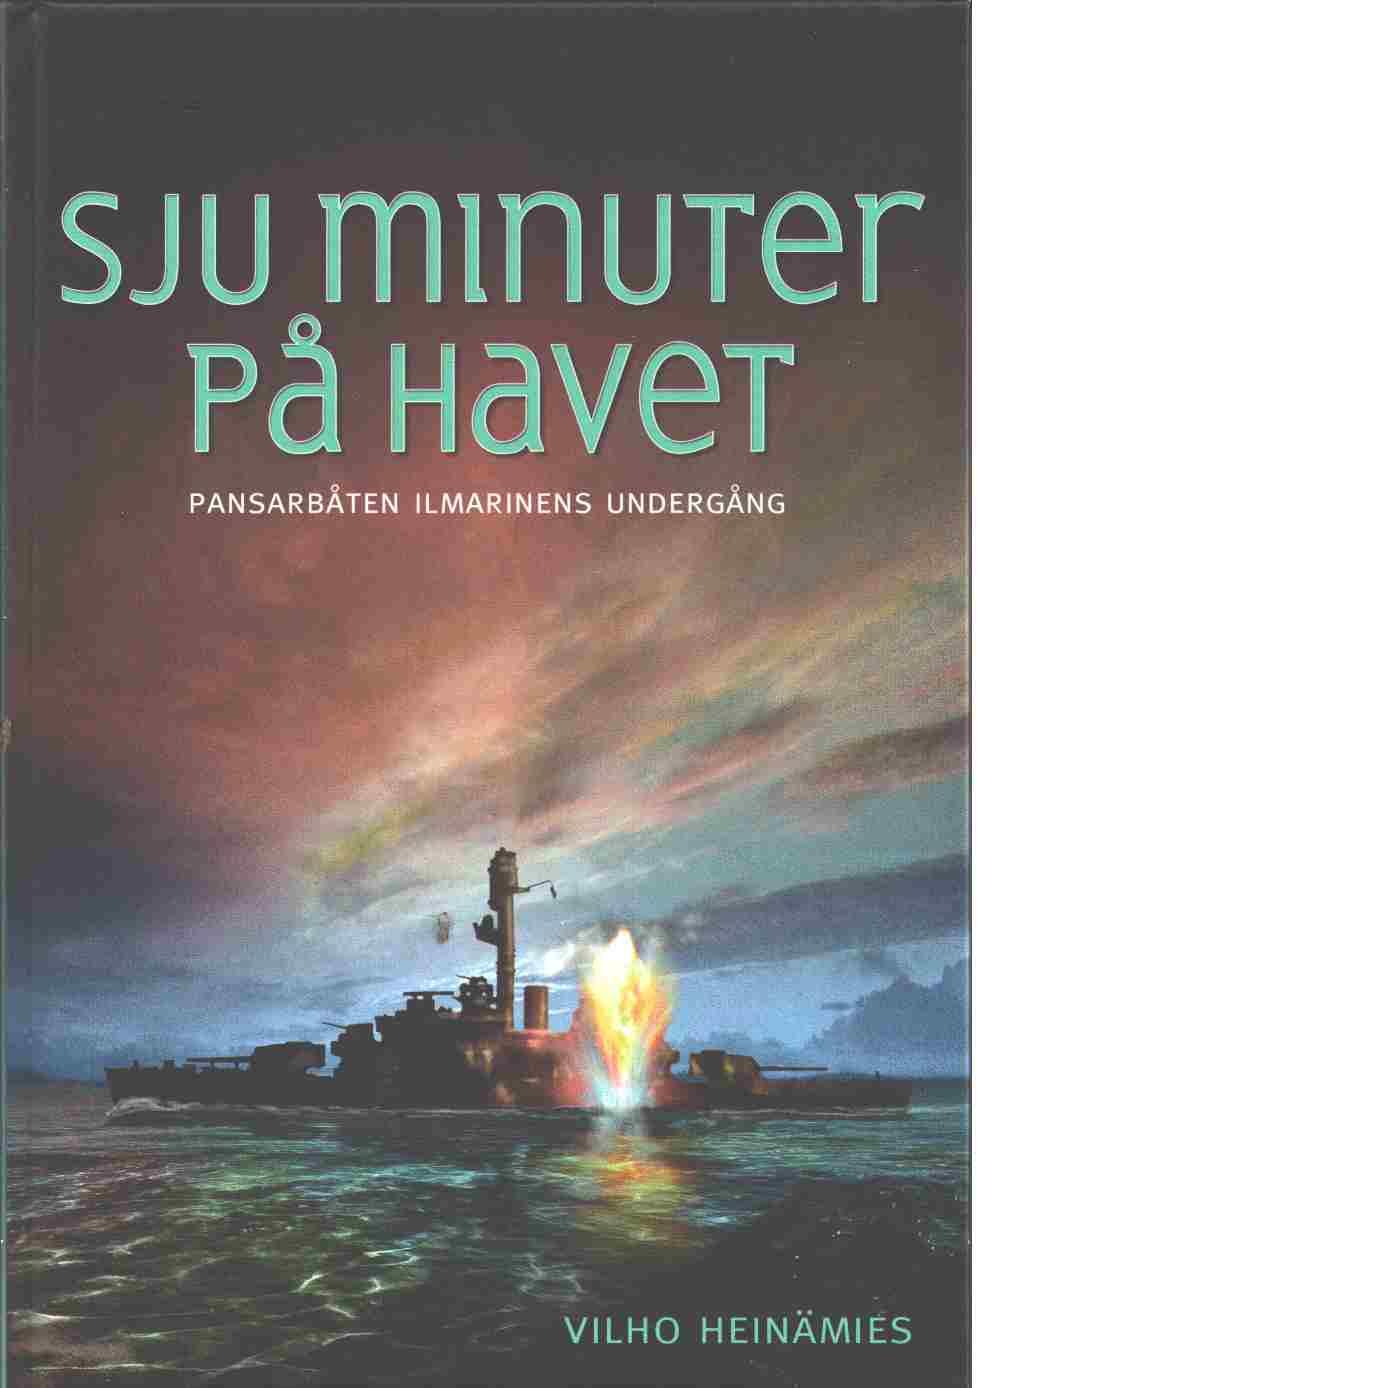 Sju minuter på havet : en skildring av pansarbåten Ilmarinens undergång - Heinämies, Vilho